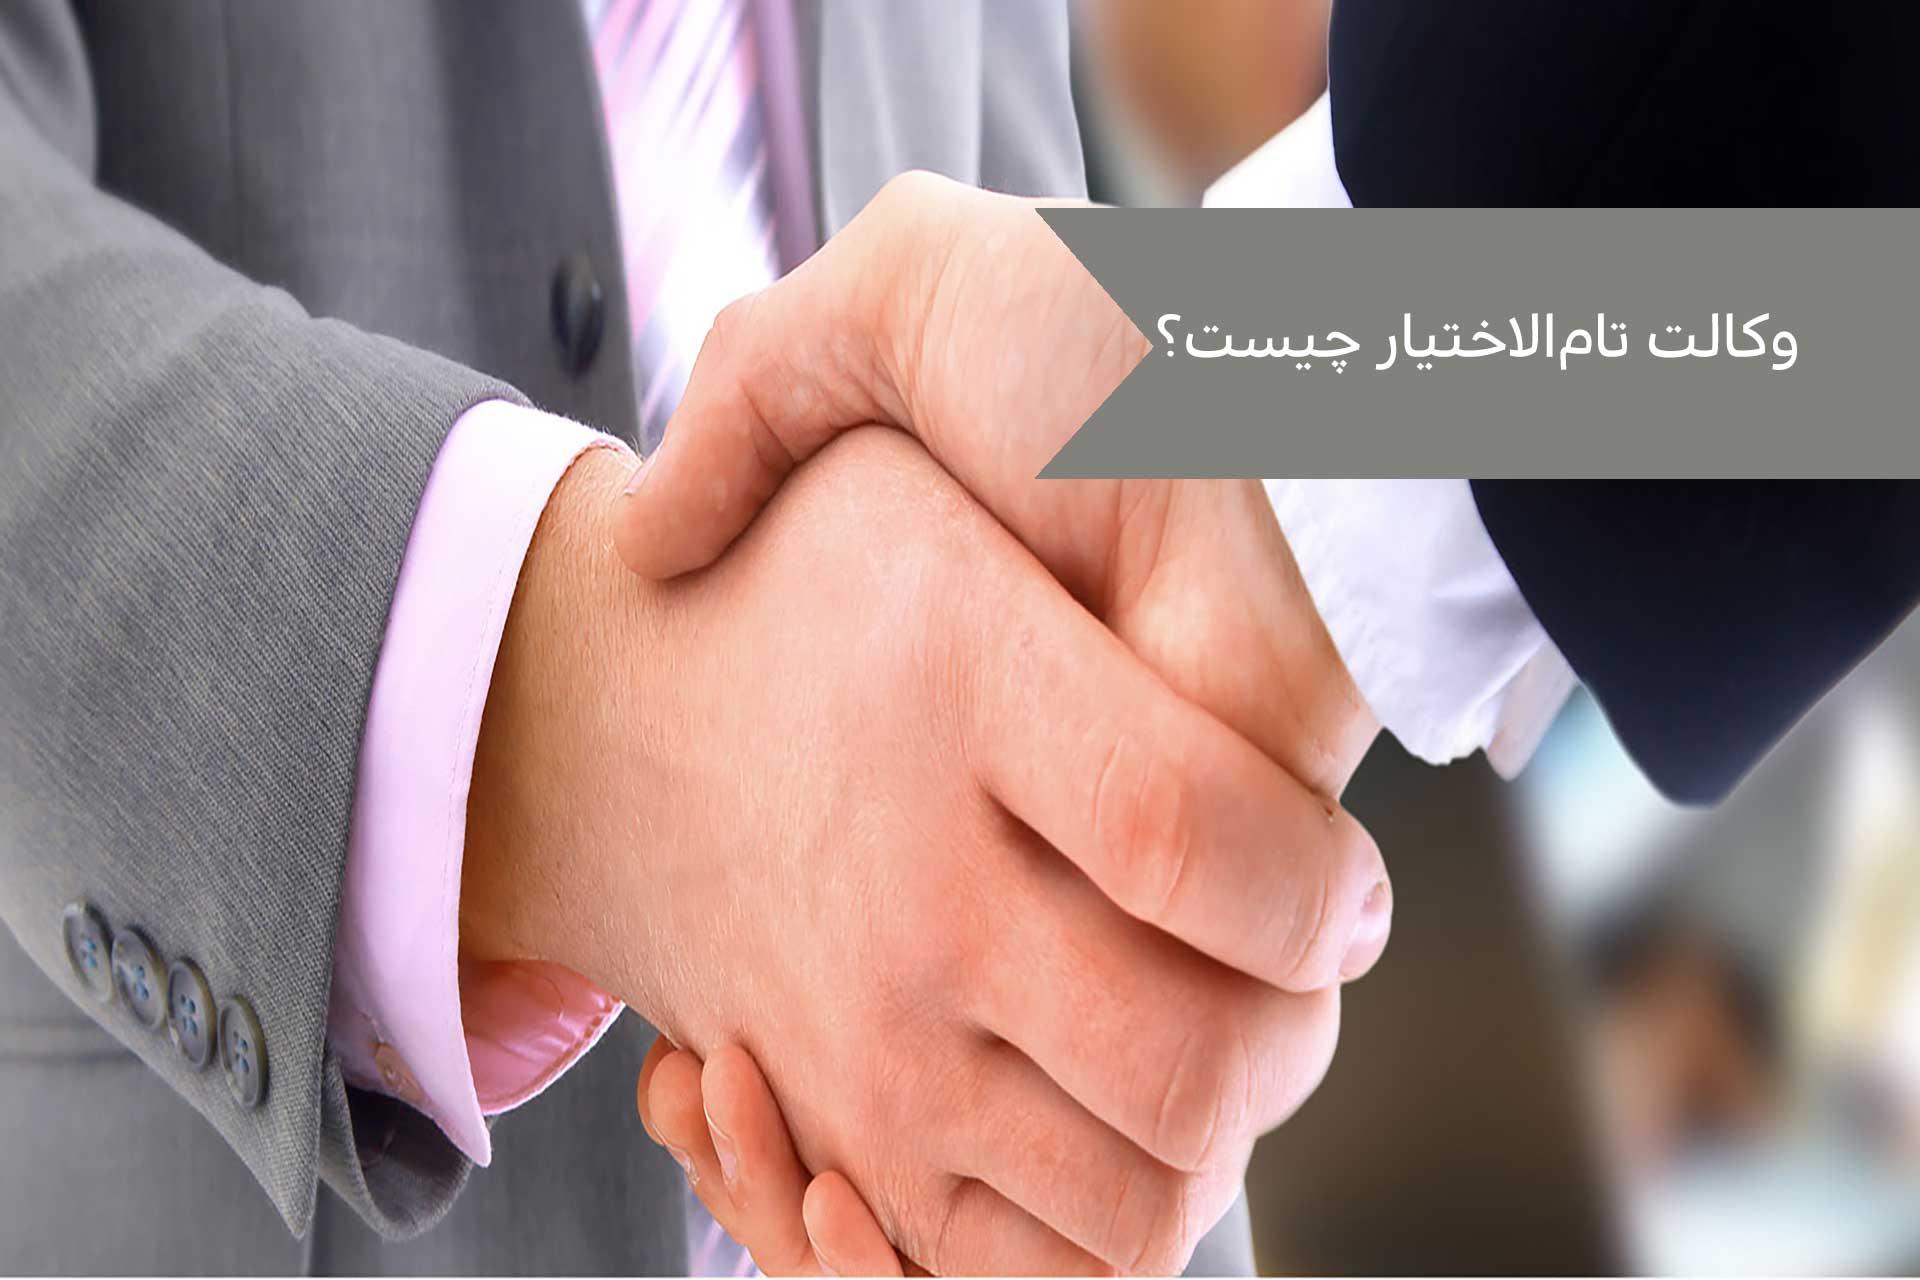 وکالت تام الاختیار-آل محمد